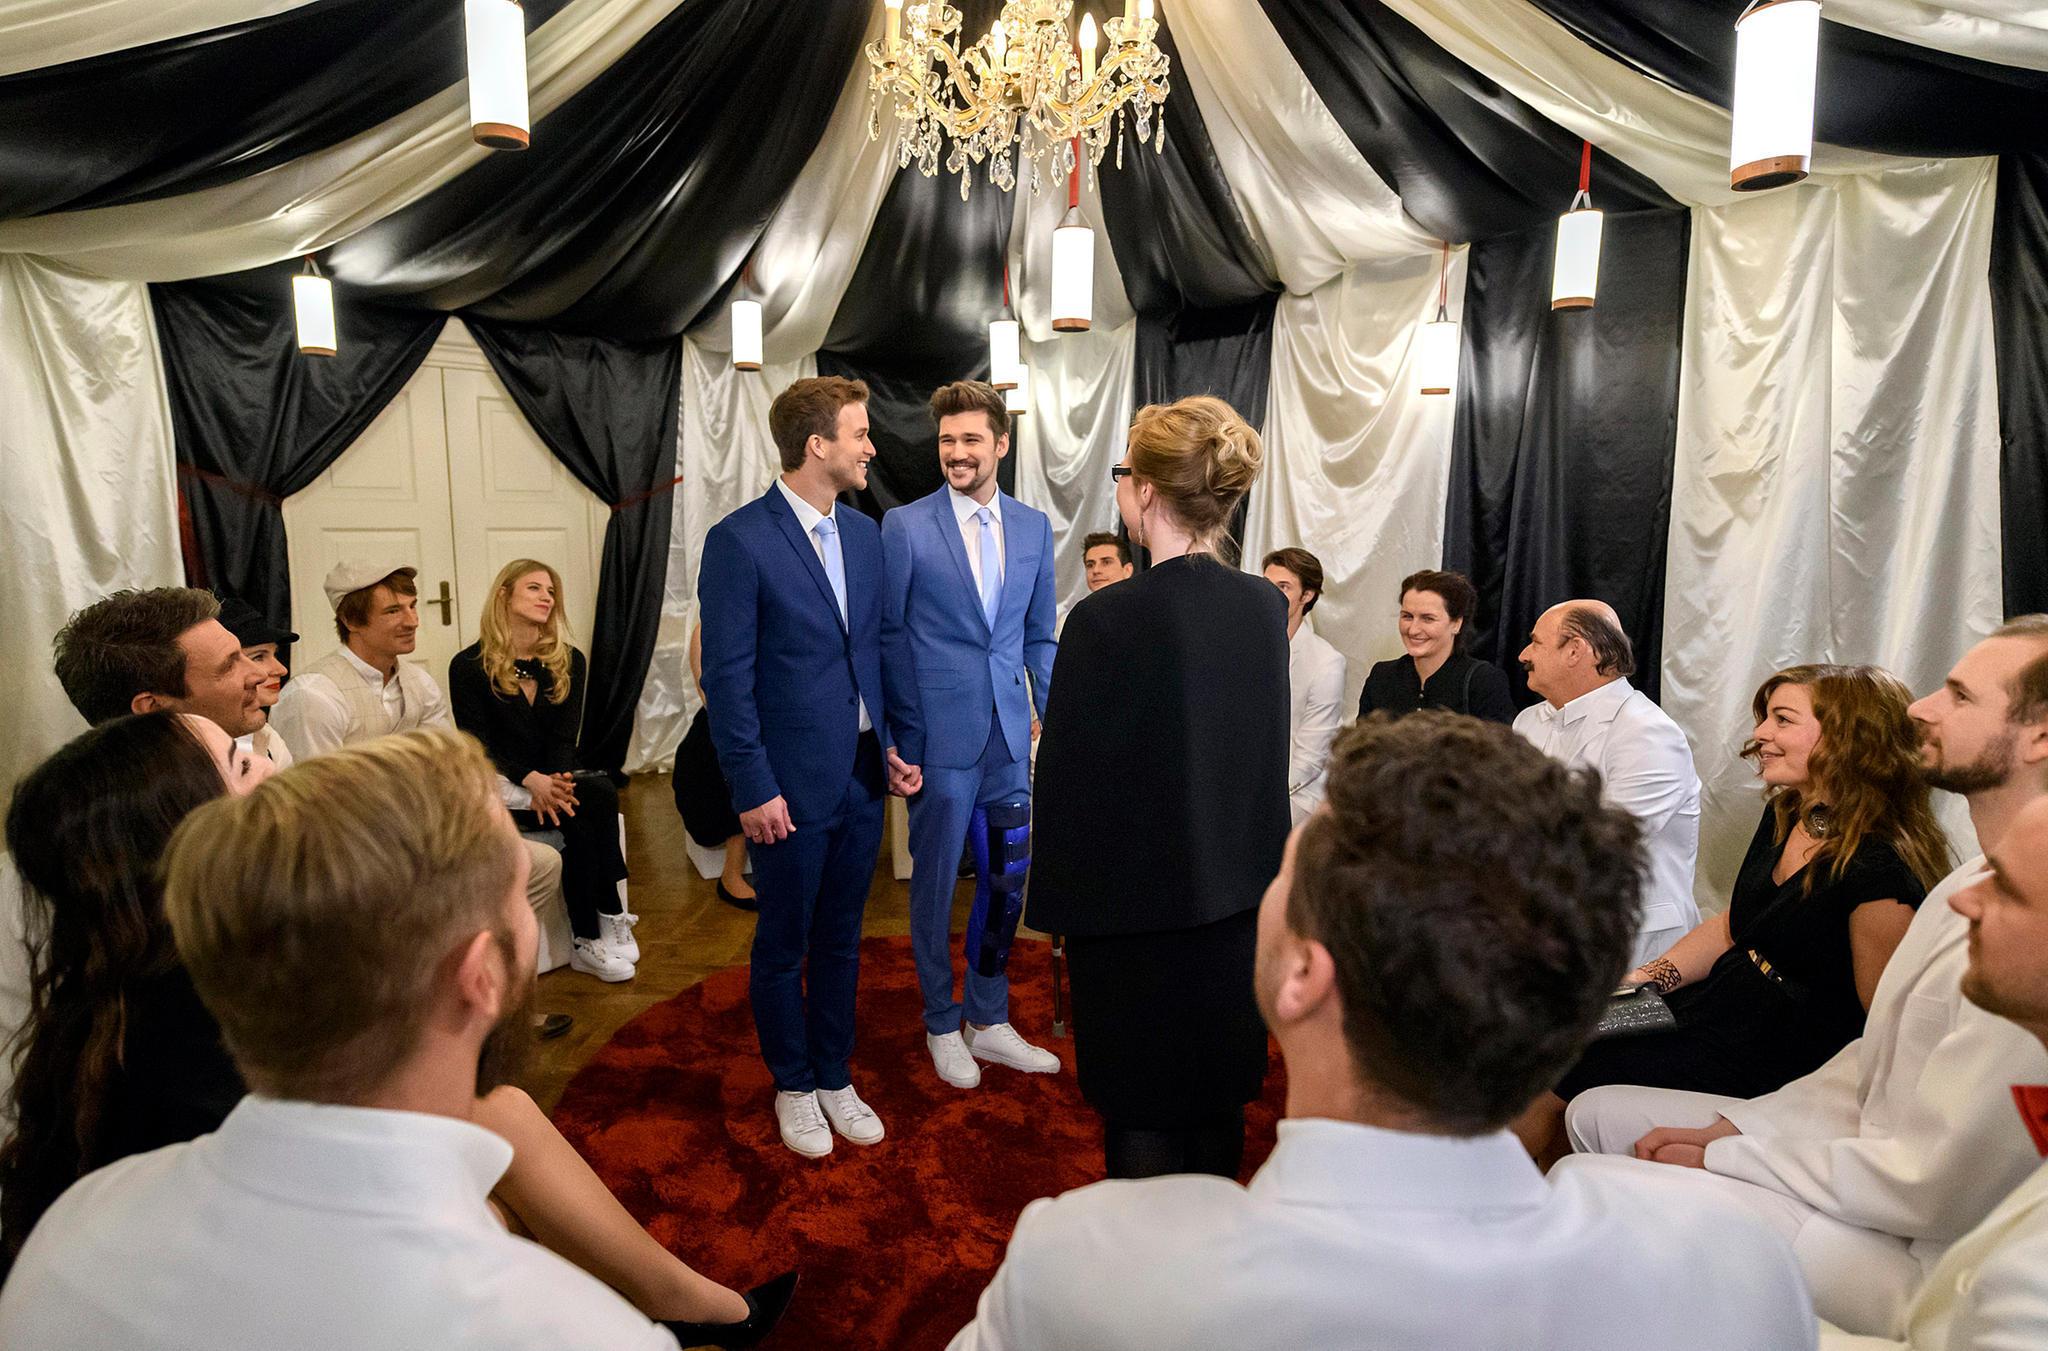 Boris (Florian Frowein, l.) und Tobias (Max Beier, M.) geben sich ihr Ja-Wort.